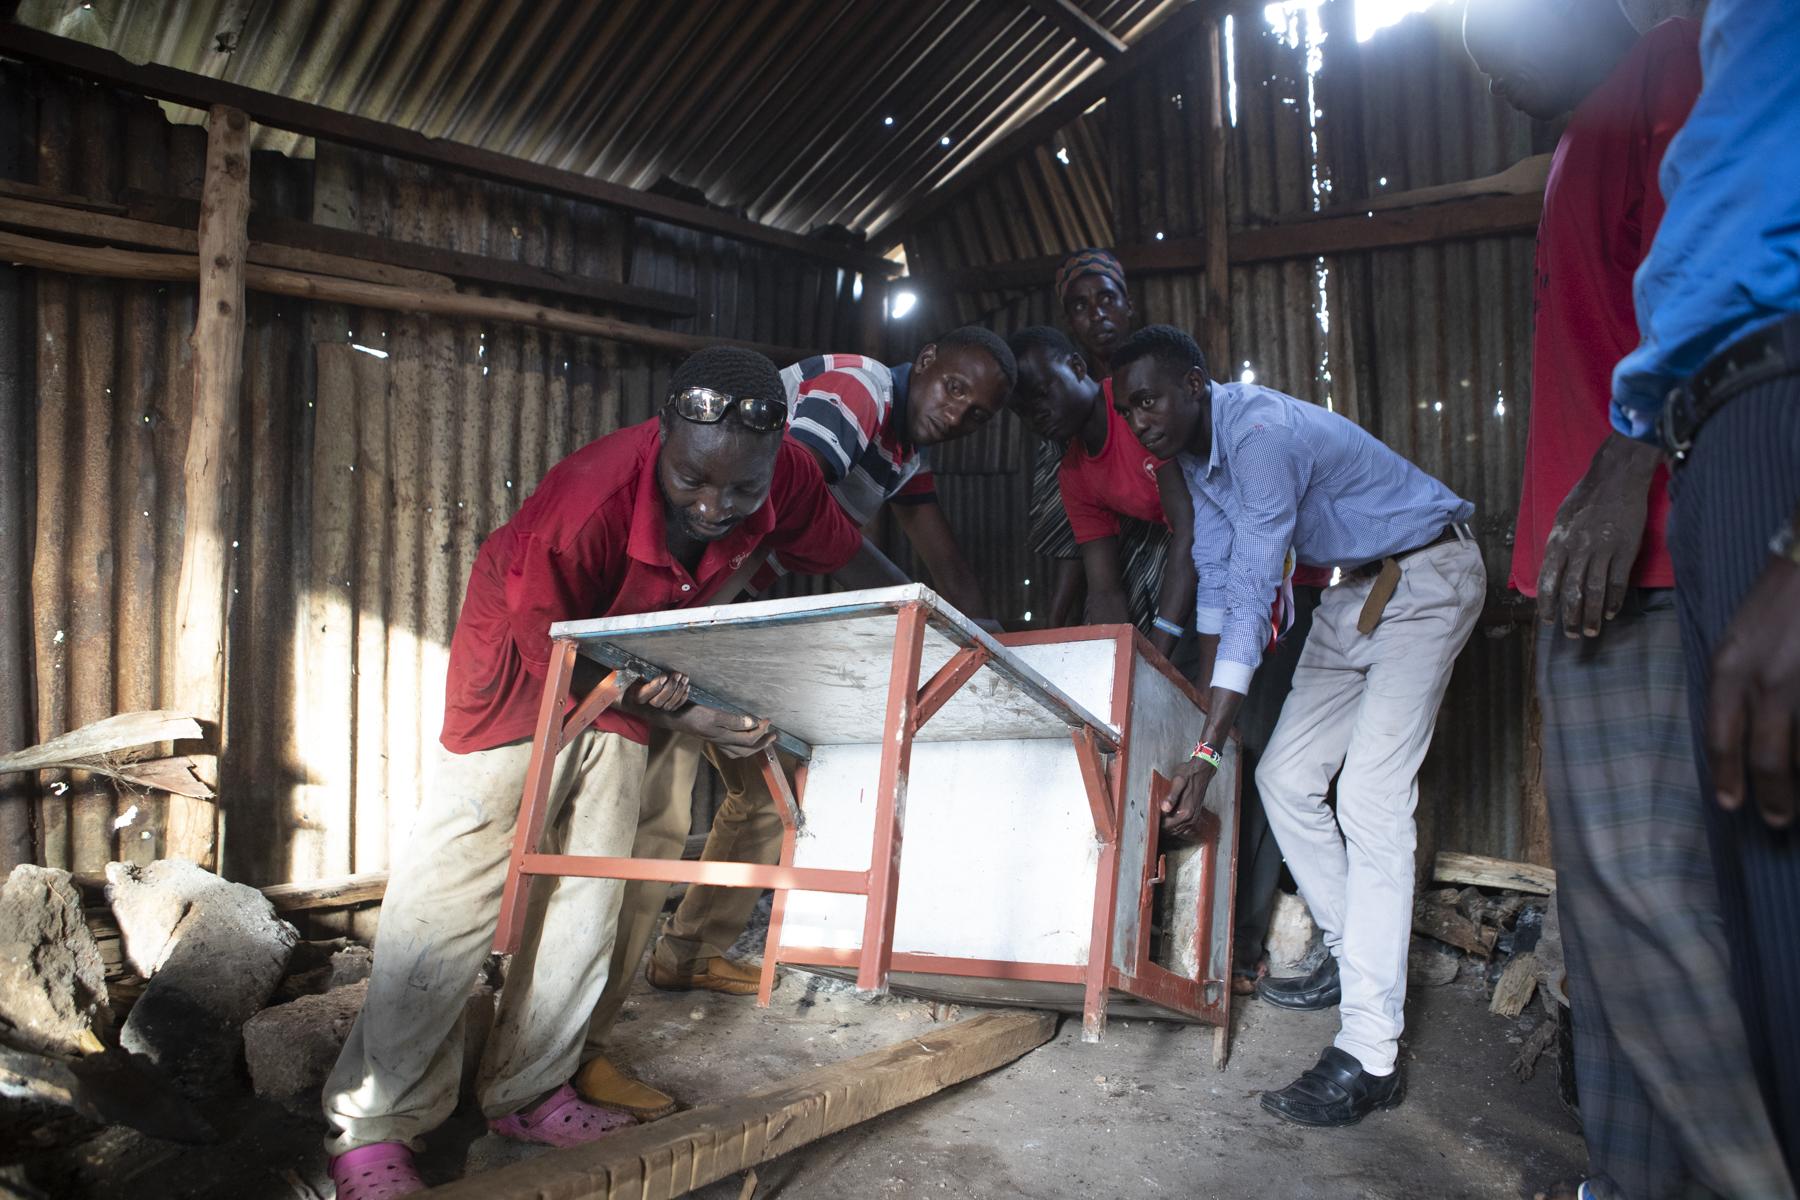 Das 400kg schwere Teil wird in die Küche gehievt - alles was irgendwo herumlag, wurde als Hilfsmittel verwendet.